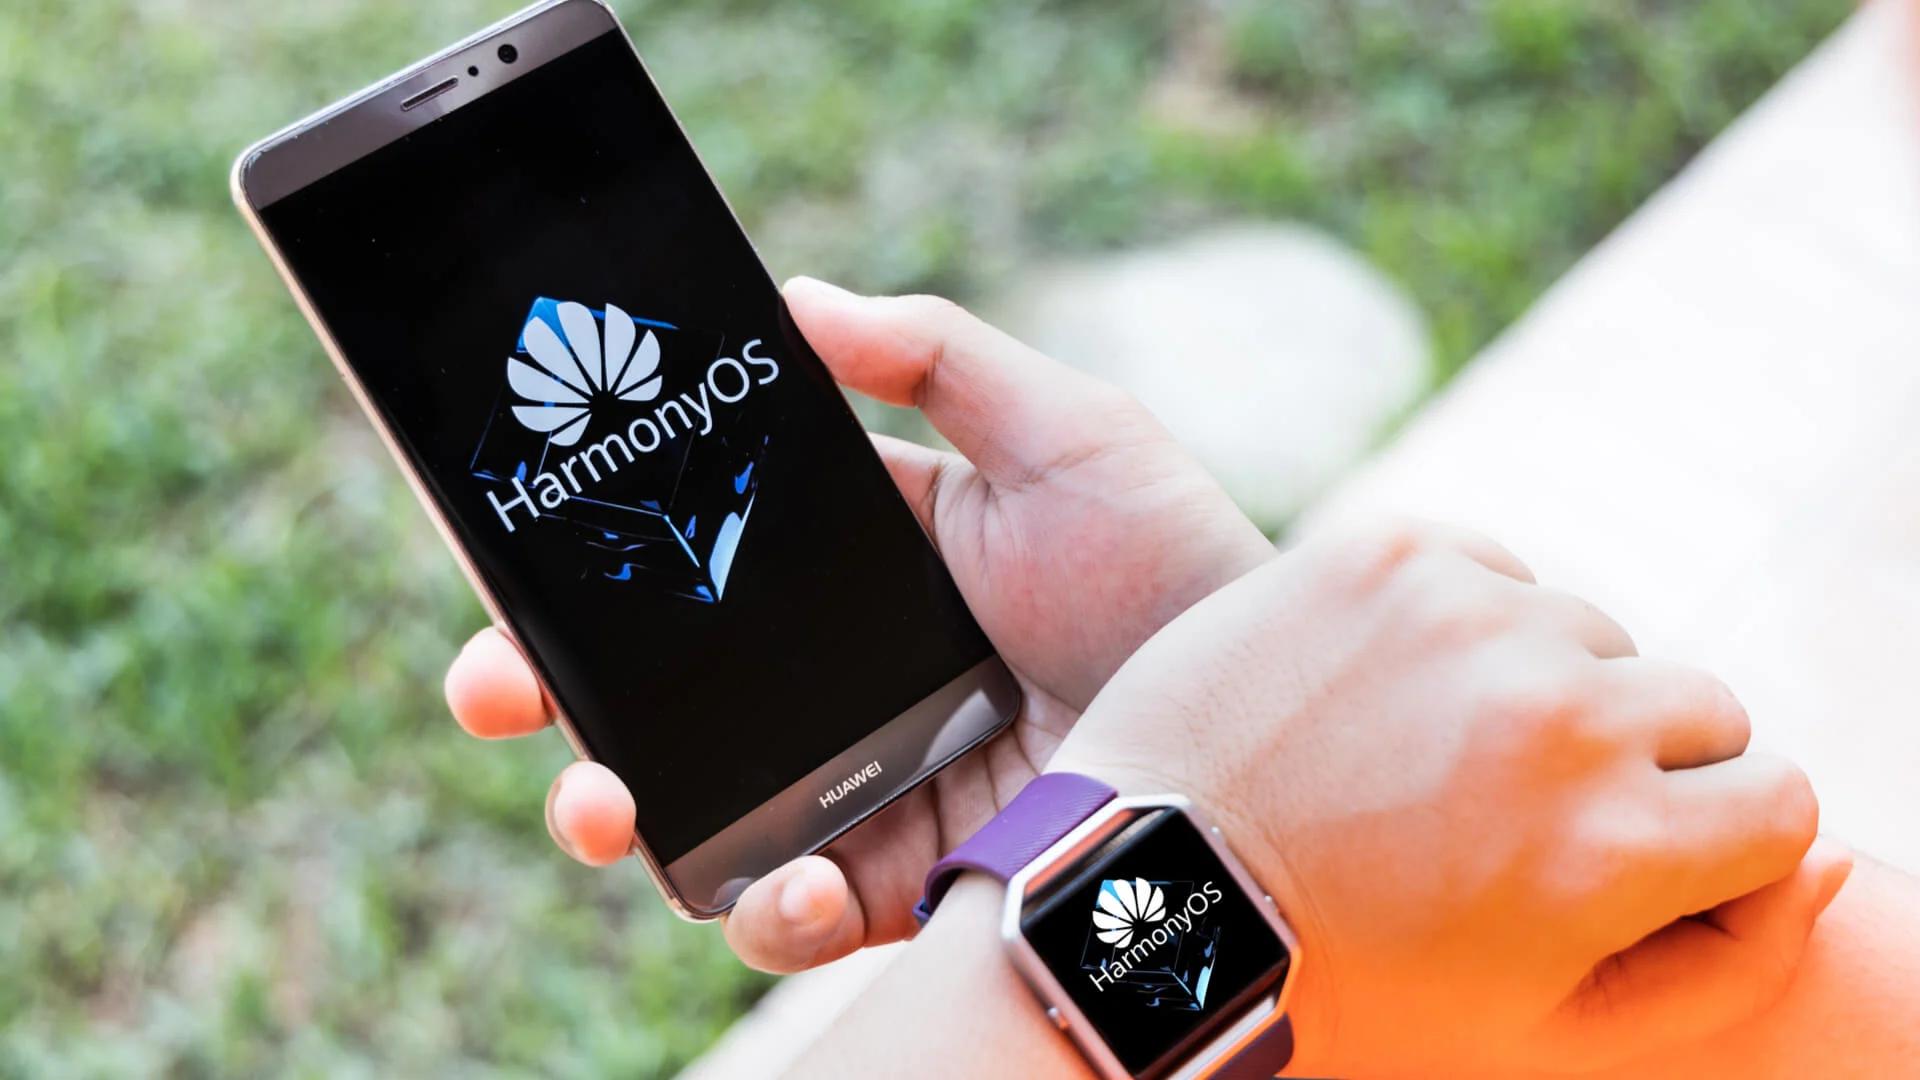 Тесты показали, в чем операционная система Huawei лучше Android. Преимущества HarmonyOS